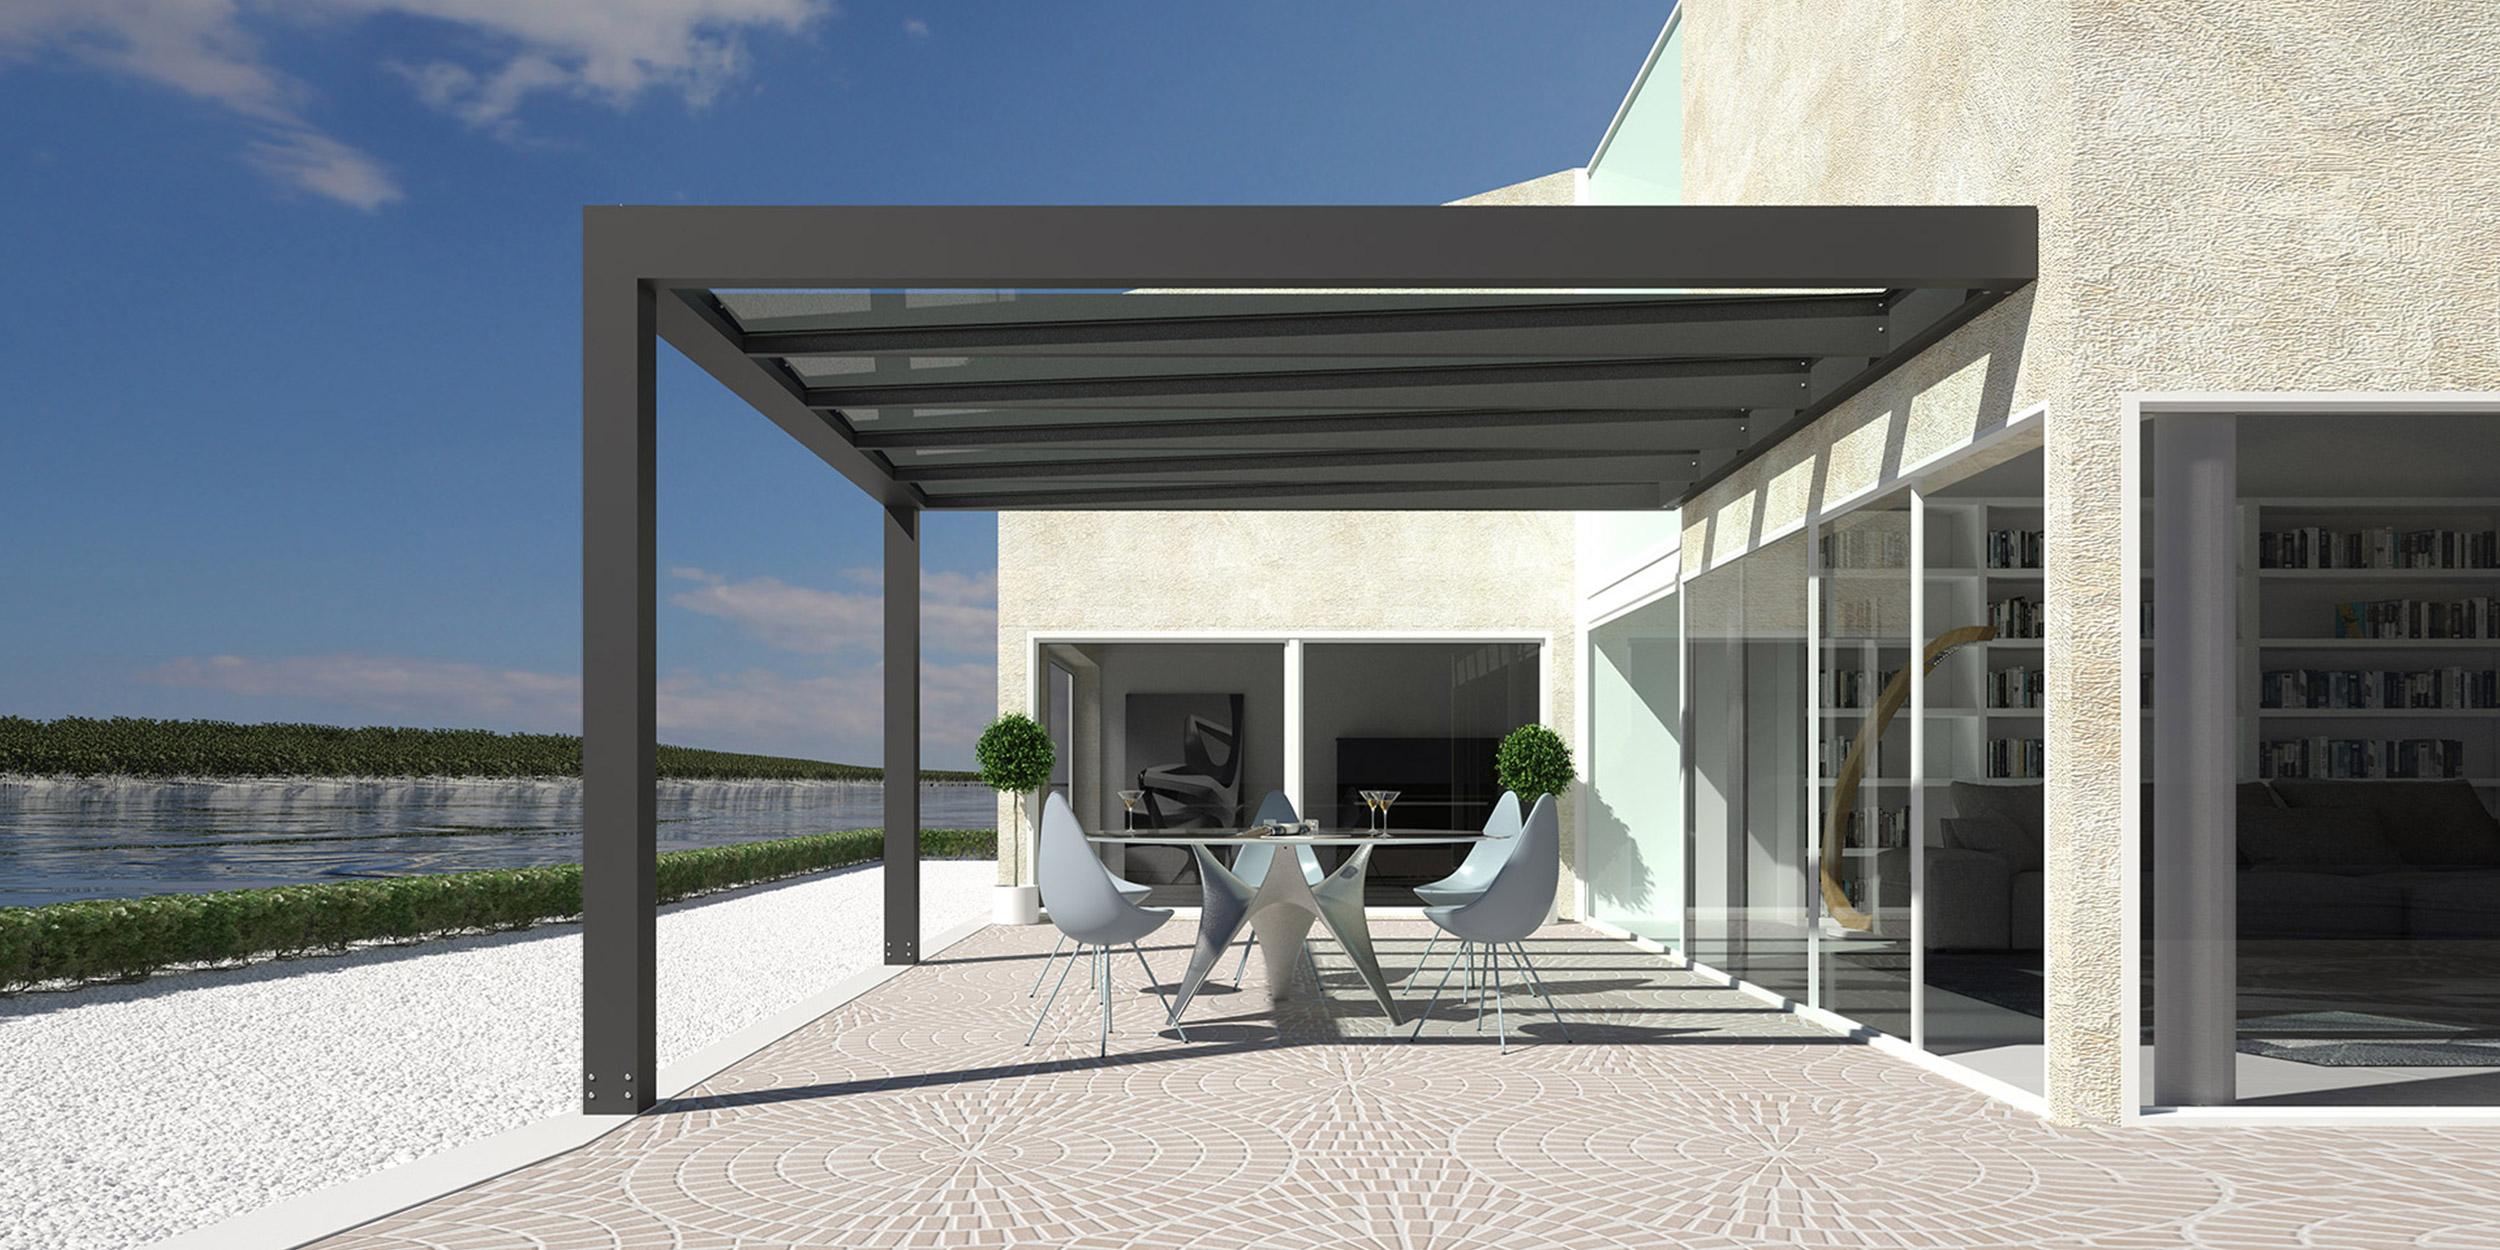 Vendita serre solari, verande vetrate, giardini d\'inverno, winter ...